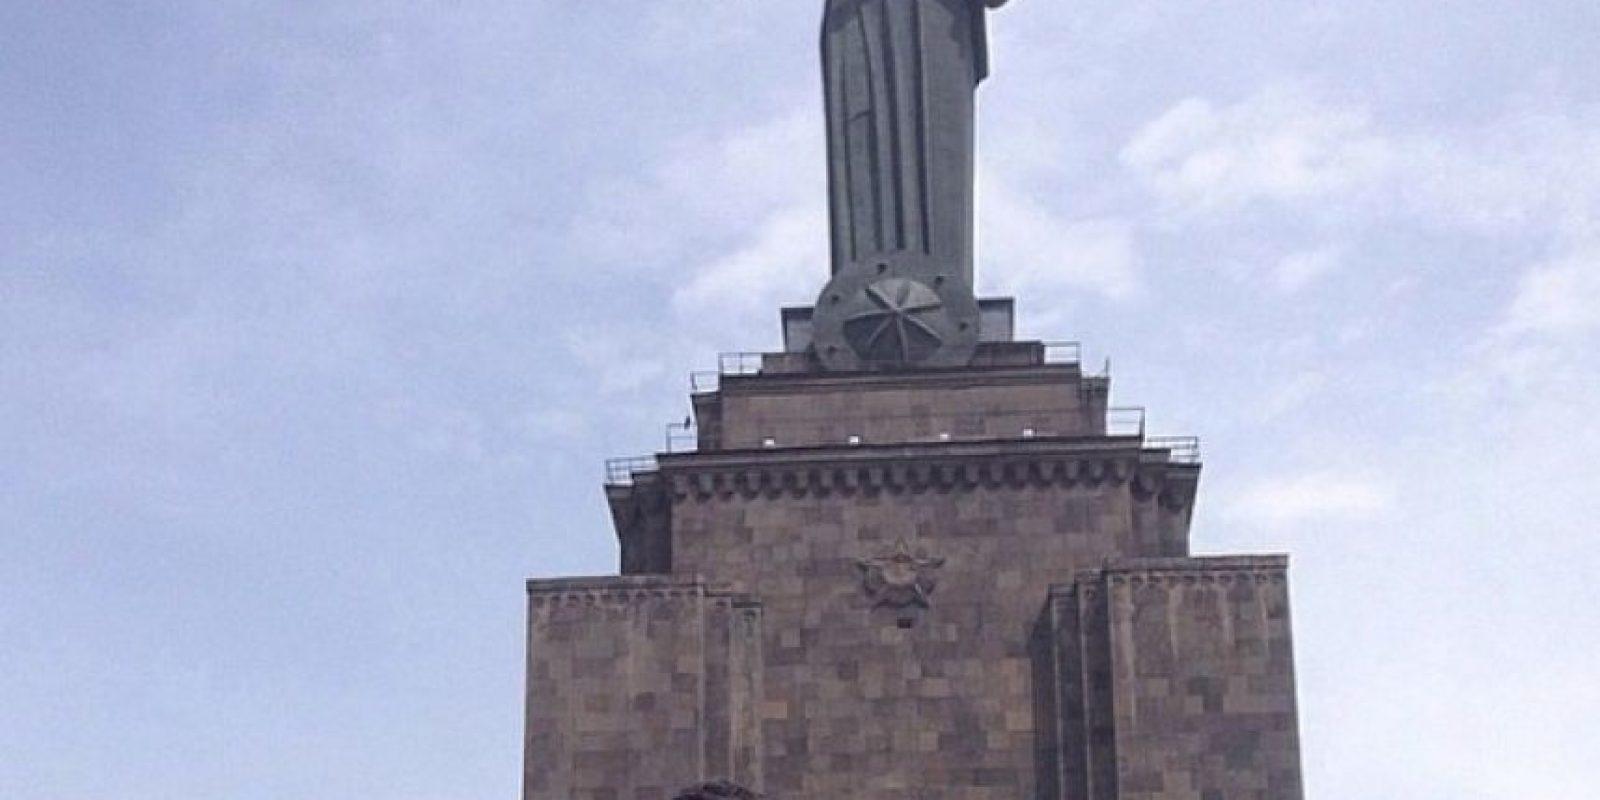 Las hemanas también visitaron los monumentos históricos de este lugar. Foto:Vía Instagram.com/Vía Instagram.com/Vía Instagram.com/Vía Instagram.com/makeupbymario